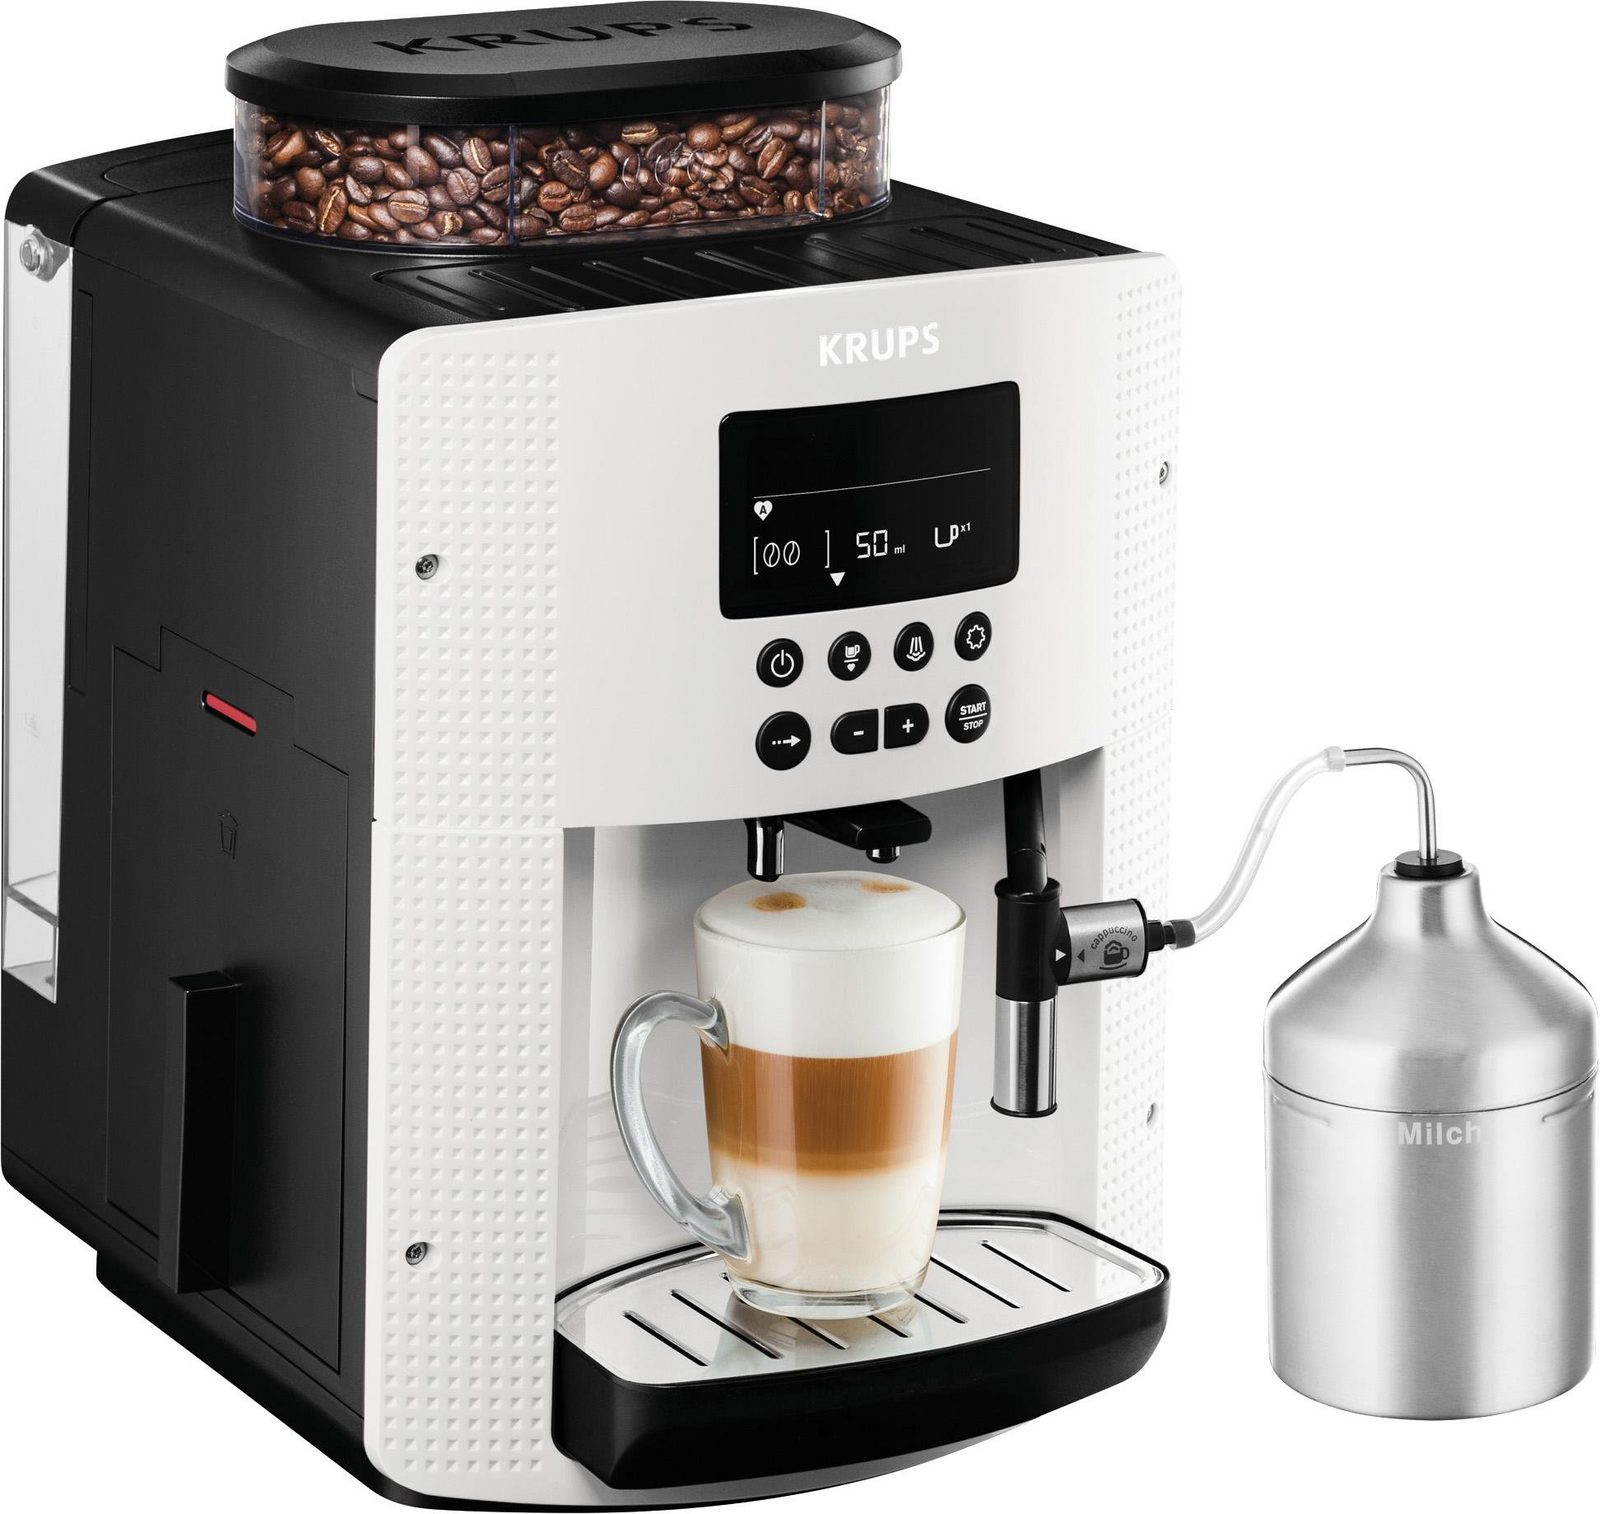 Krups Kaffeevollautomat EA8161, 1,8l Tank, Kegelmahlwerk, inkl. Edelstahl-Milchbehälter jetztbilligerkaufen